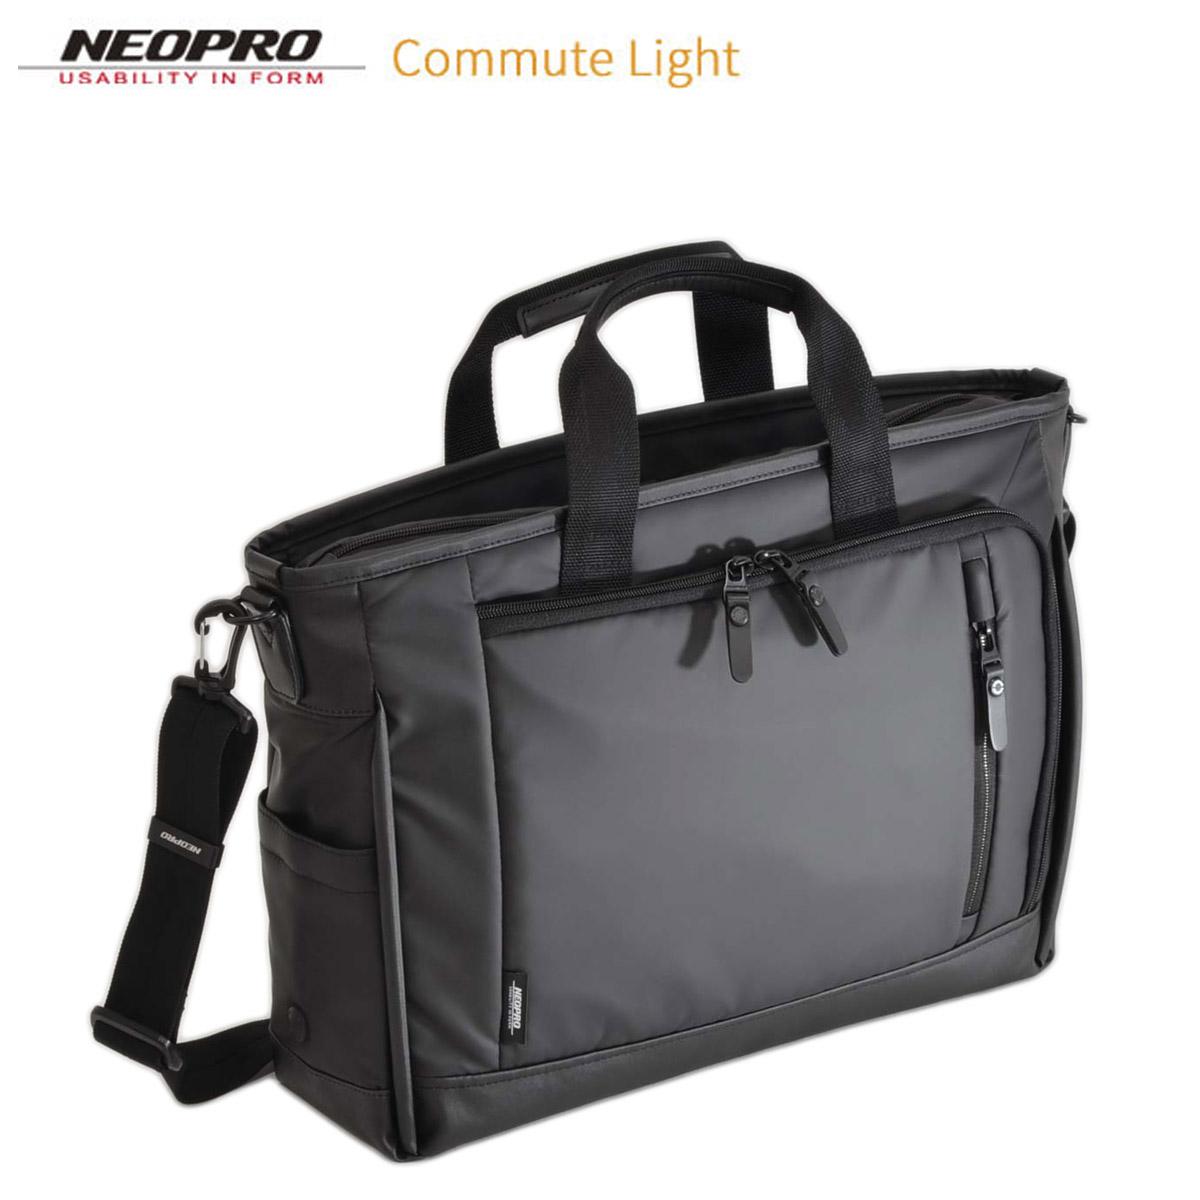 ビジネスバッグ NEOPRO ネオプロ No:2-760 2Way トート ブリーフ 耐久 防滴 防汚 A4 ファイル ノートPC 対応 通勤 通学 就活 に最適 軽量 キャリーオン エンドー鞄